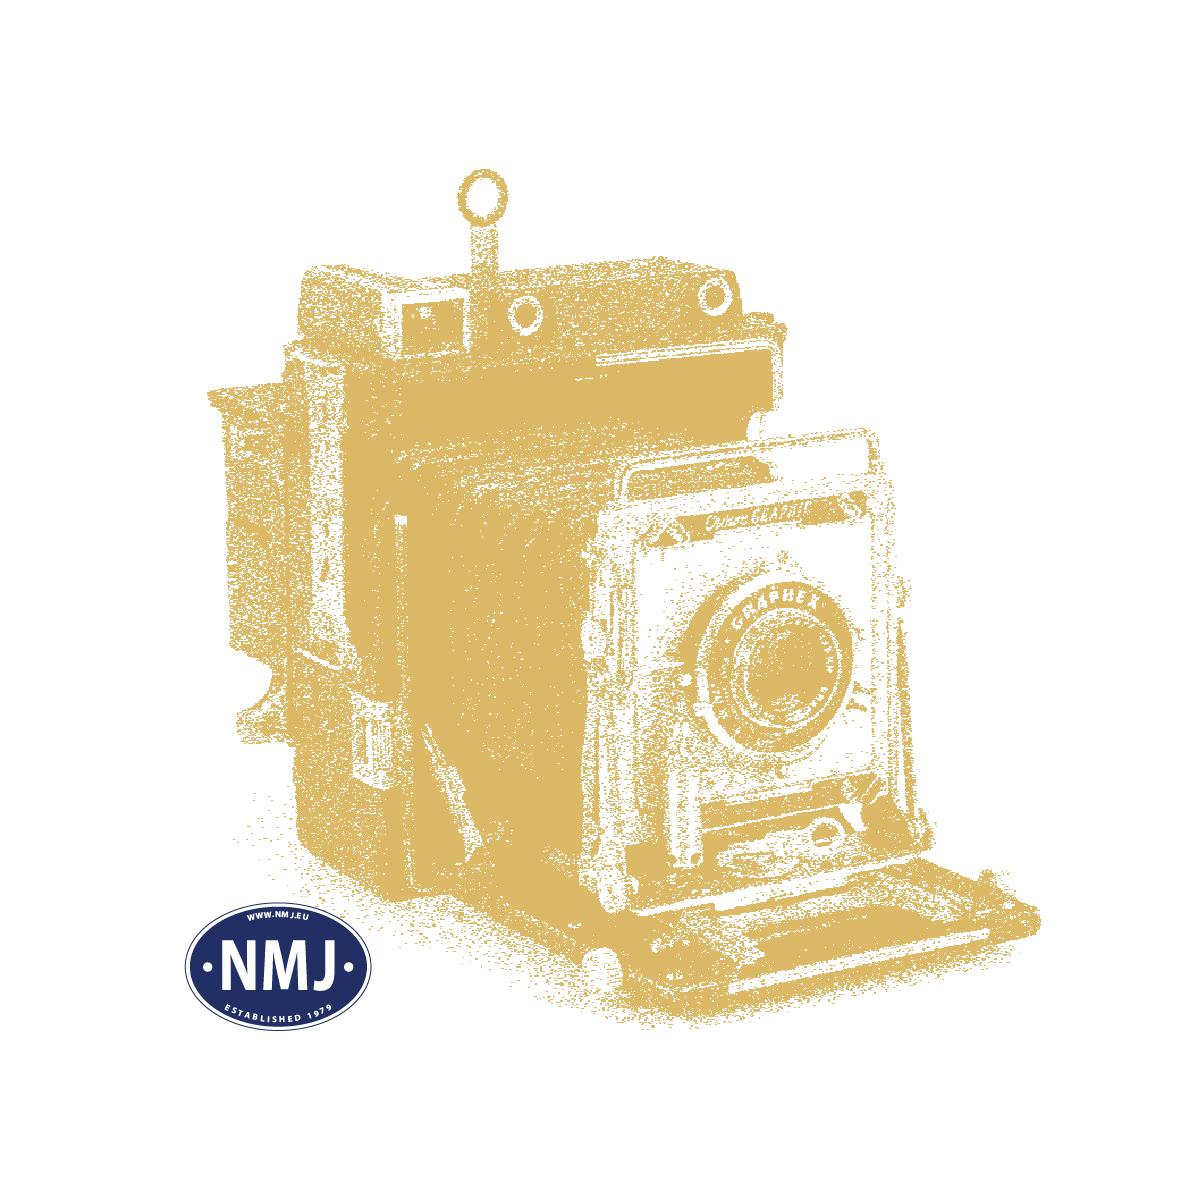 NMJT90012 - NMJ Topline NSB Di3a.619, alte Farbgebung, DCC m/Sound